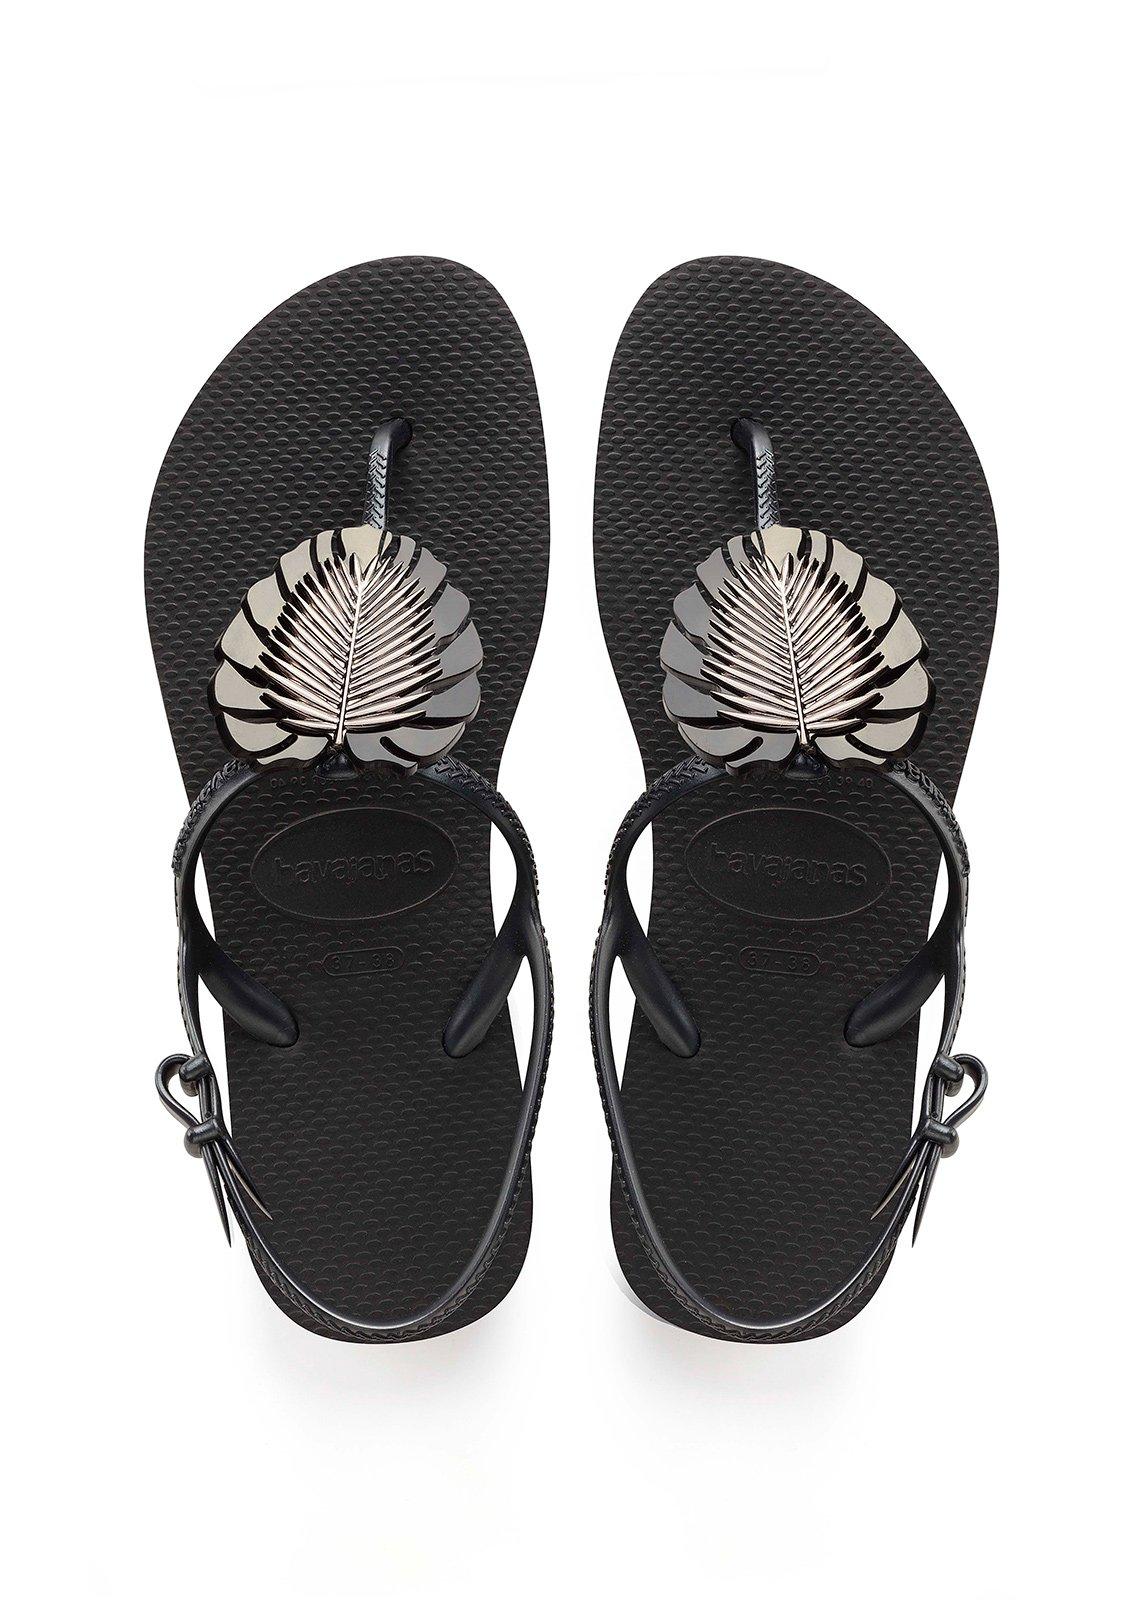 eb54de3df Flip-Flops Havaianas Freedom Metal Pin Black - Brand Havaianas